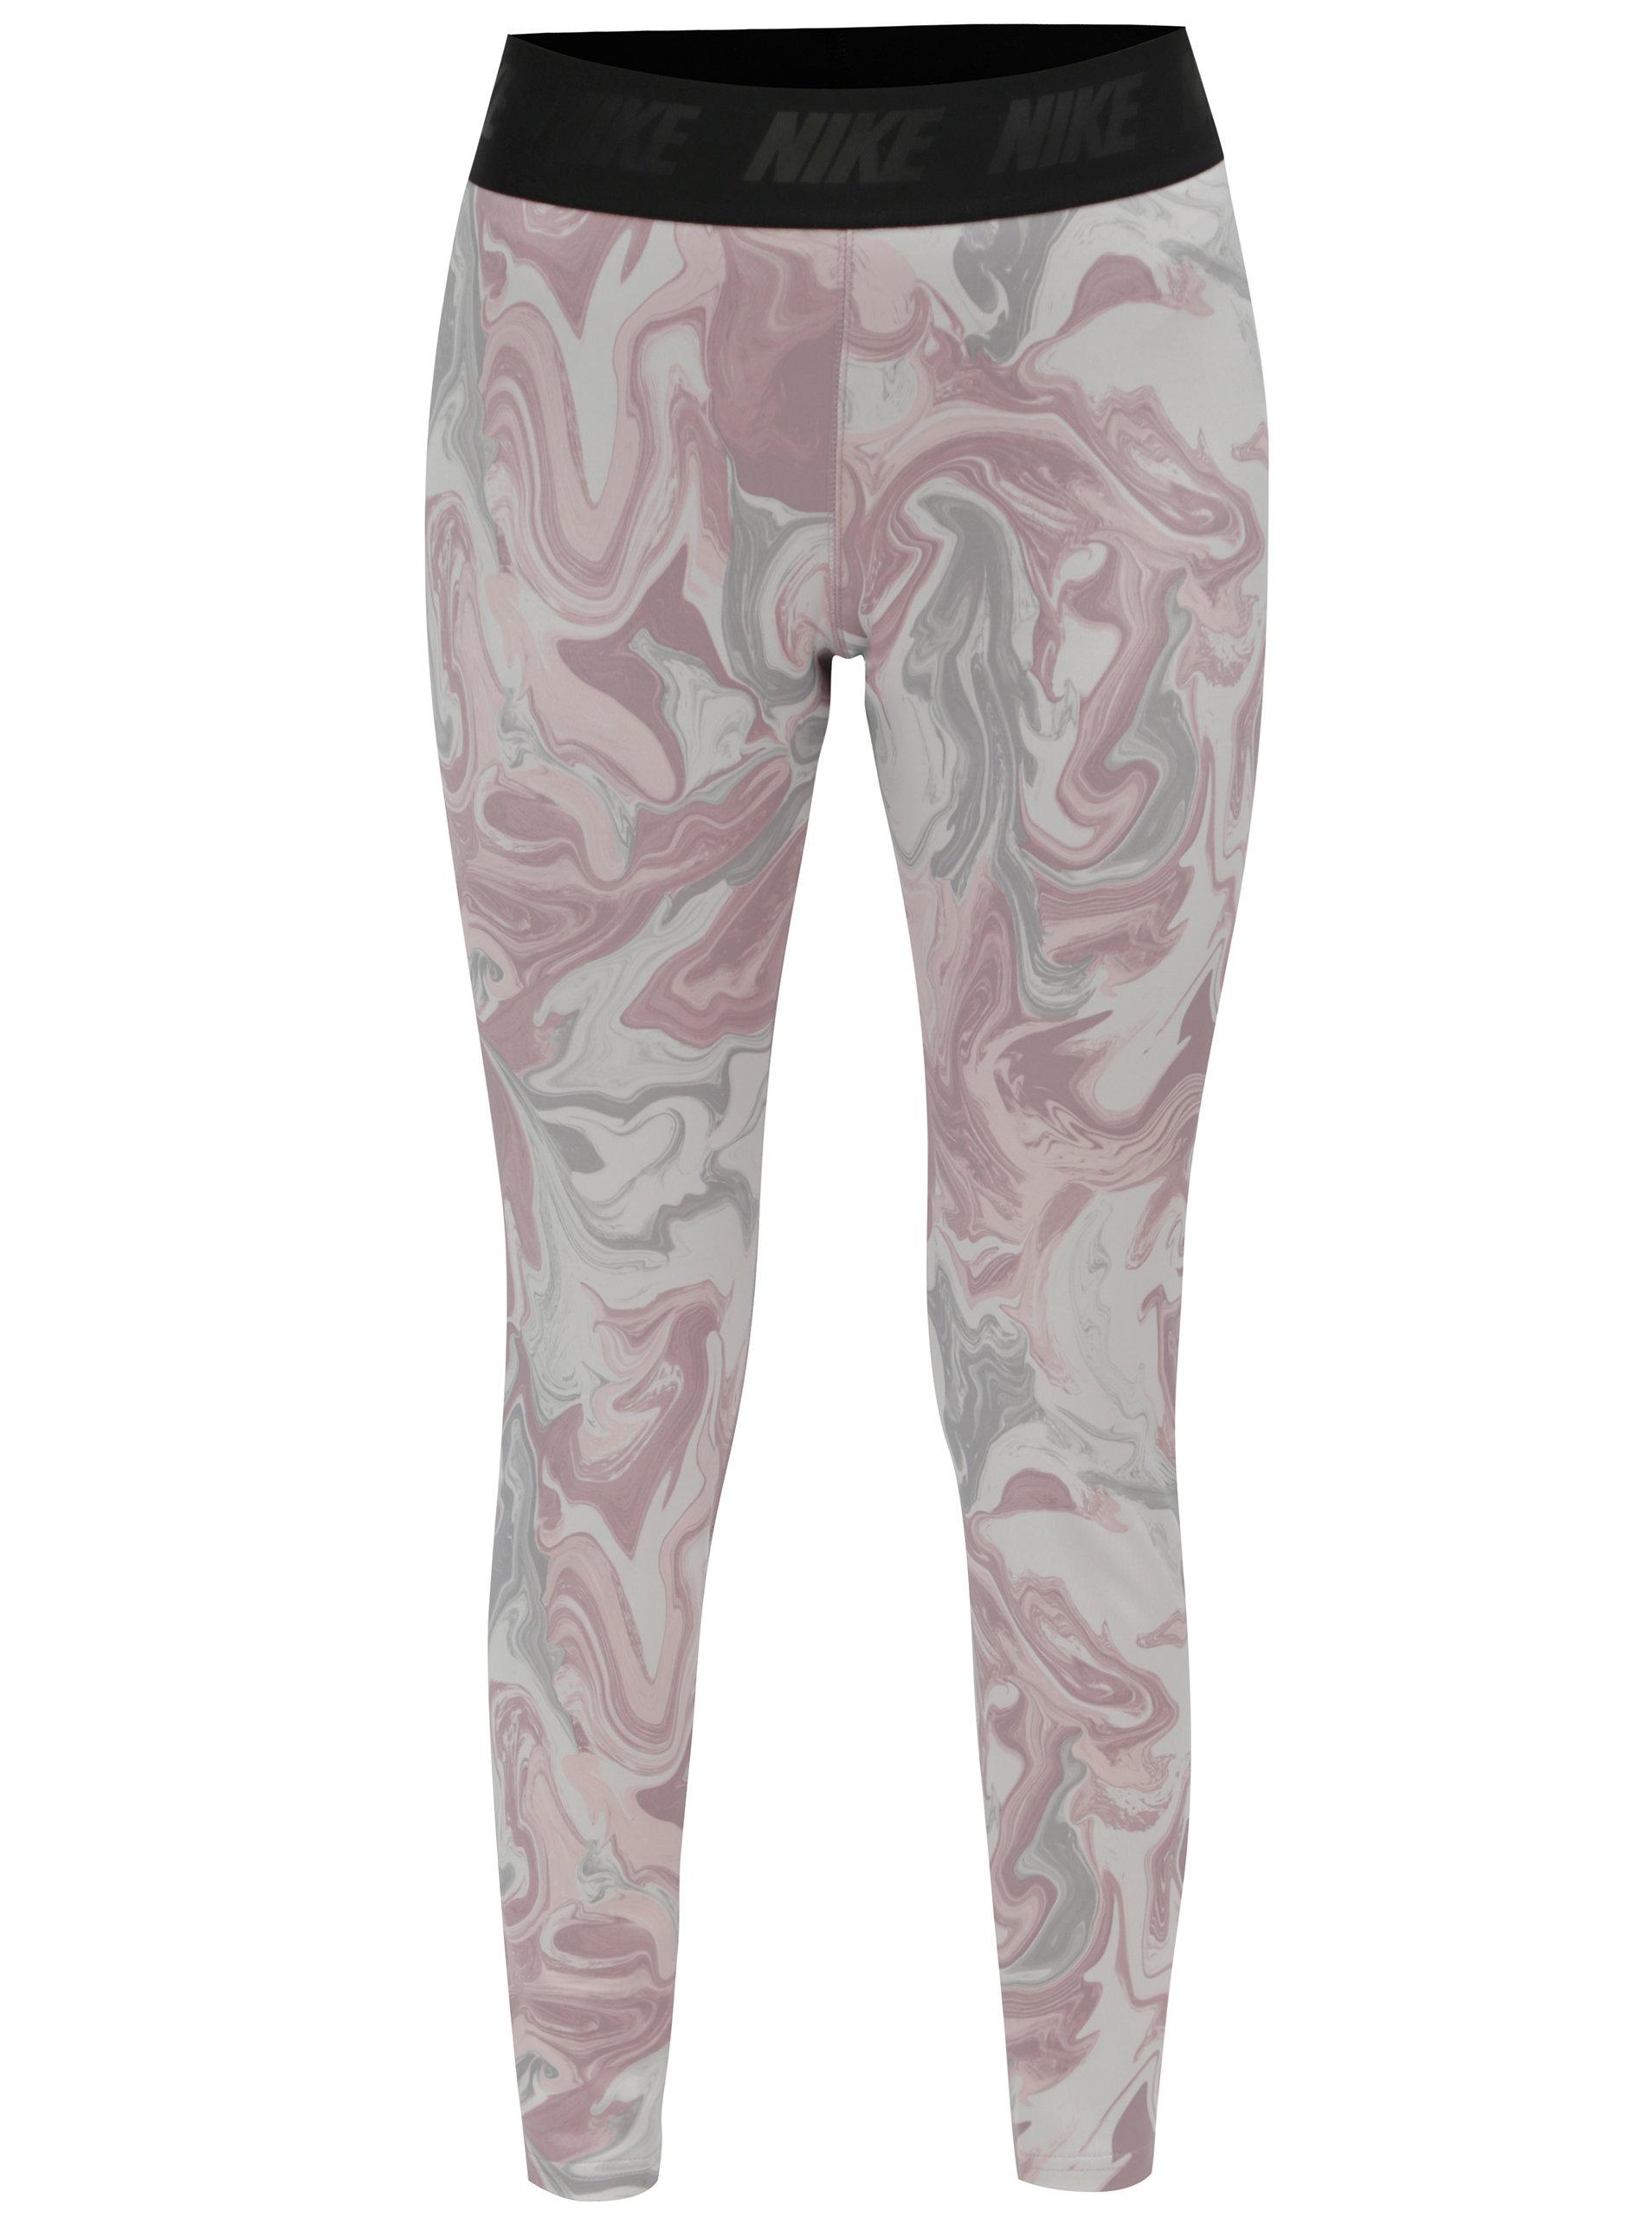 9dcab501d270 Šedo-růžové vzorované legíny Nike ...